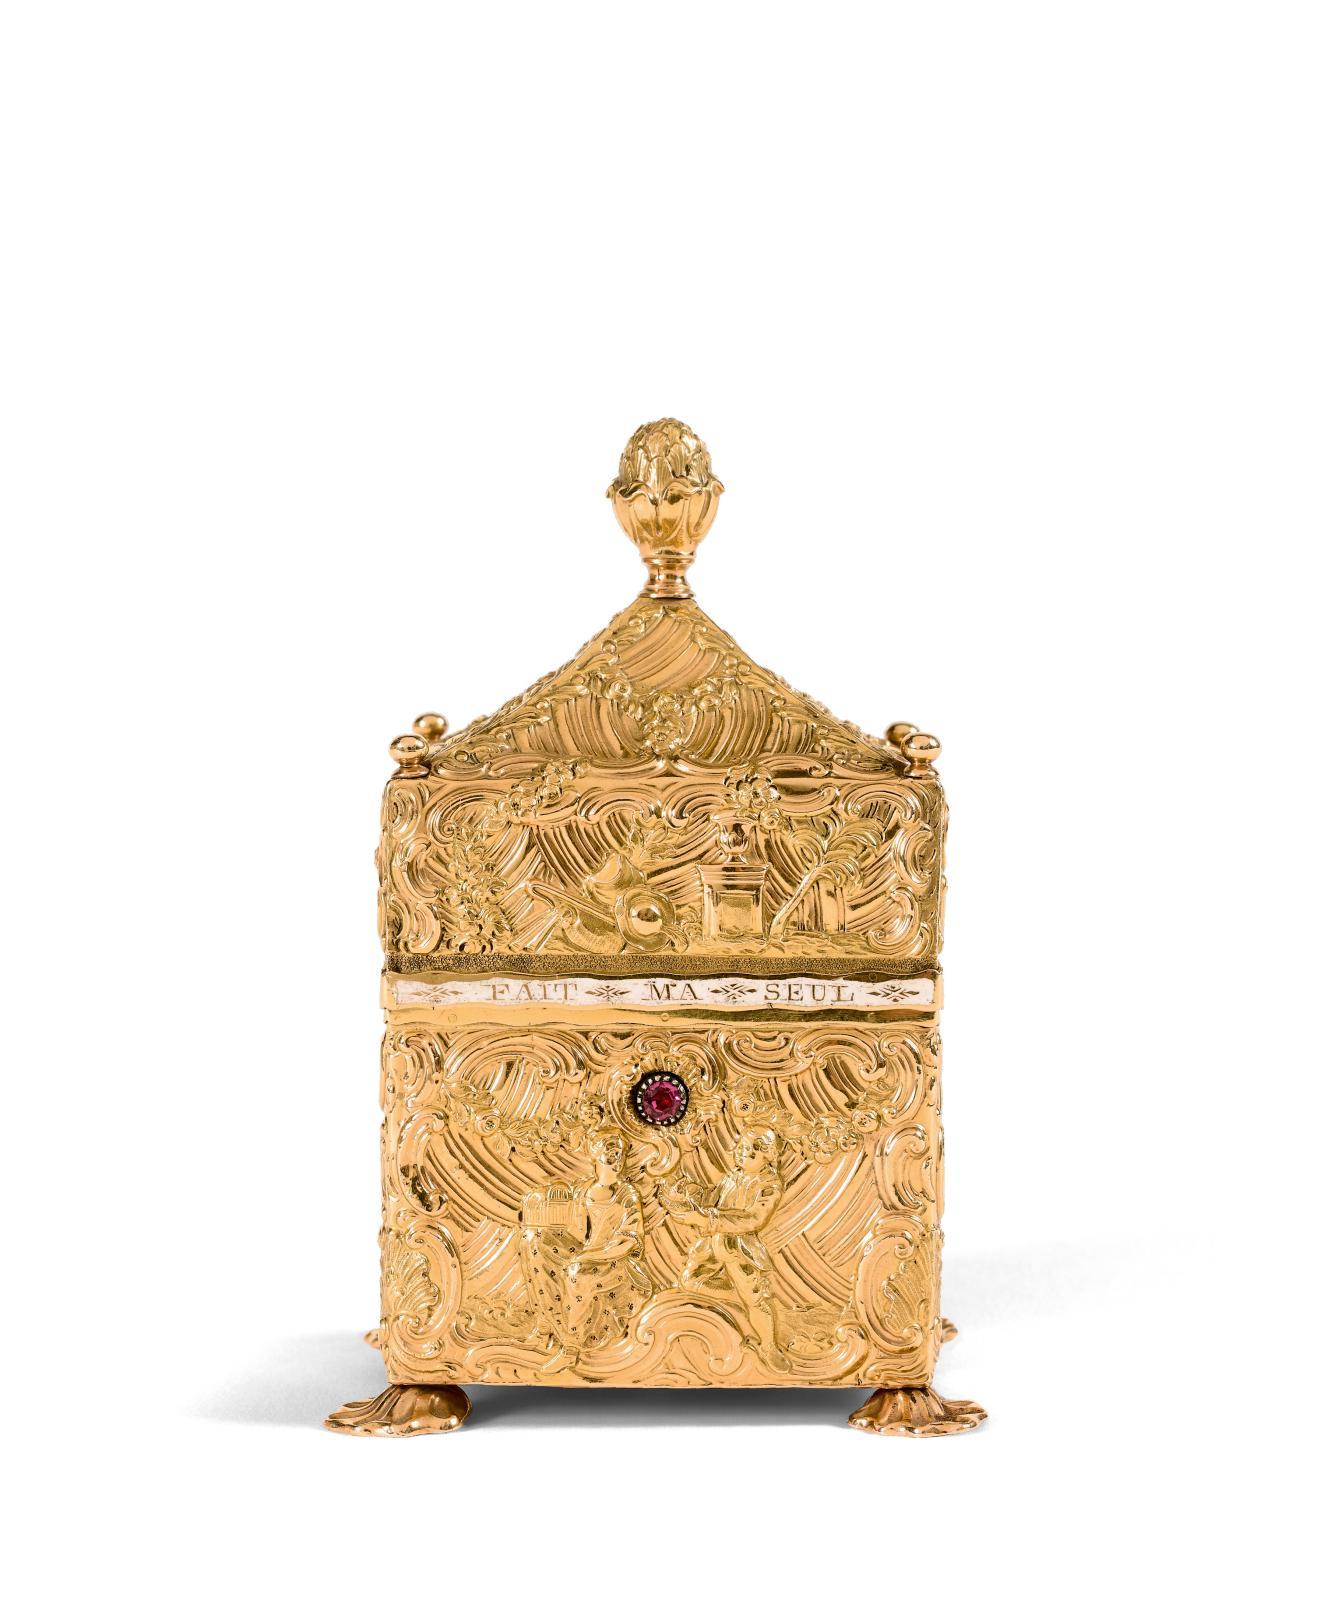 Le nécessaire ne dédaigne pas le raffinement ni la préciosité de l'or. C'est en ce métal qu'a été réalisé ce coffret-nécessaire, en Anglet